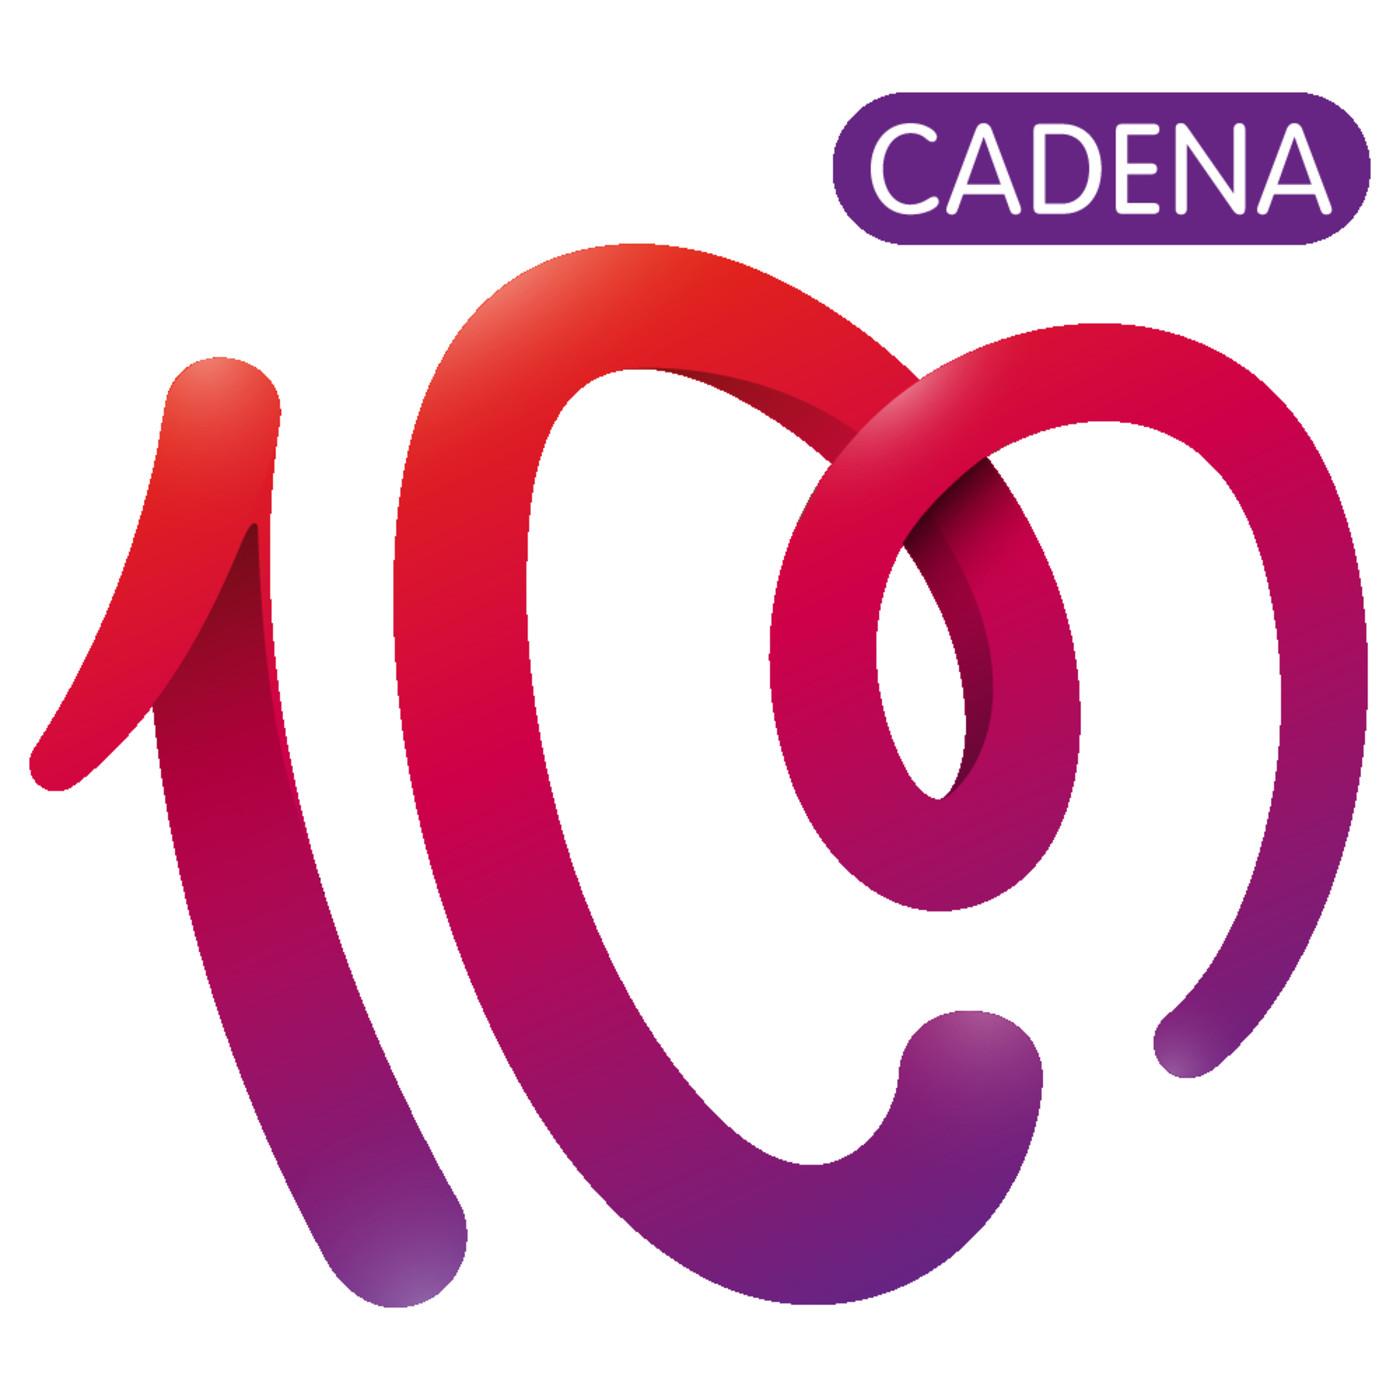 CADENA 100 Happy hour party